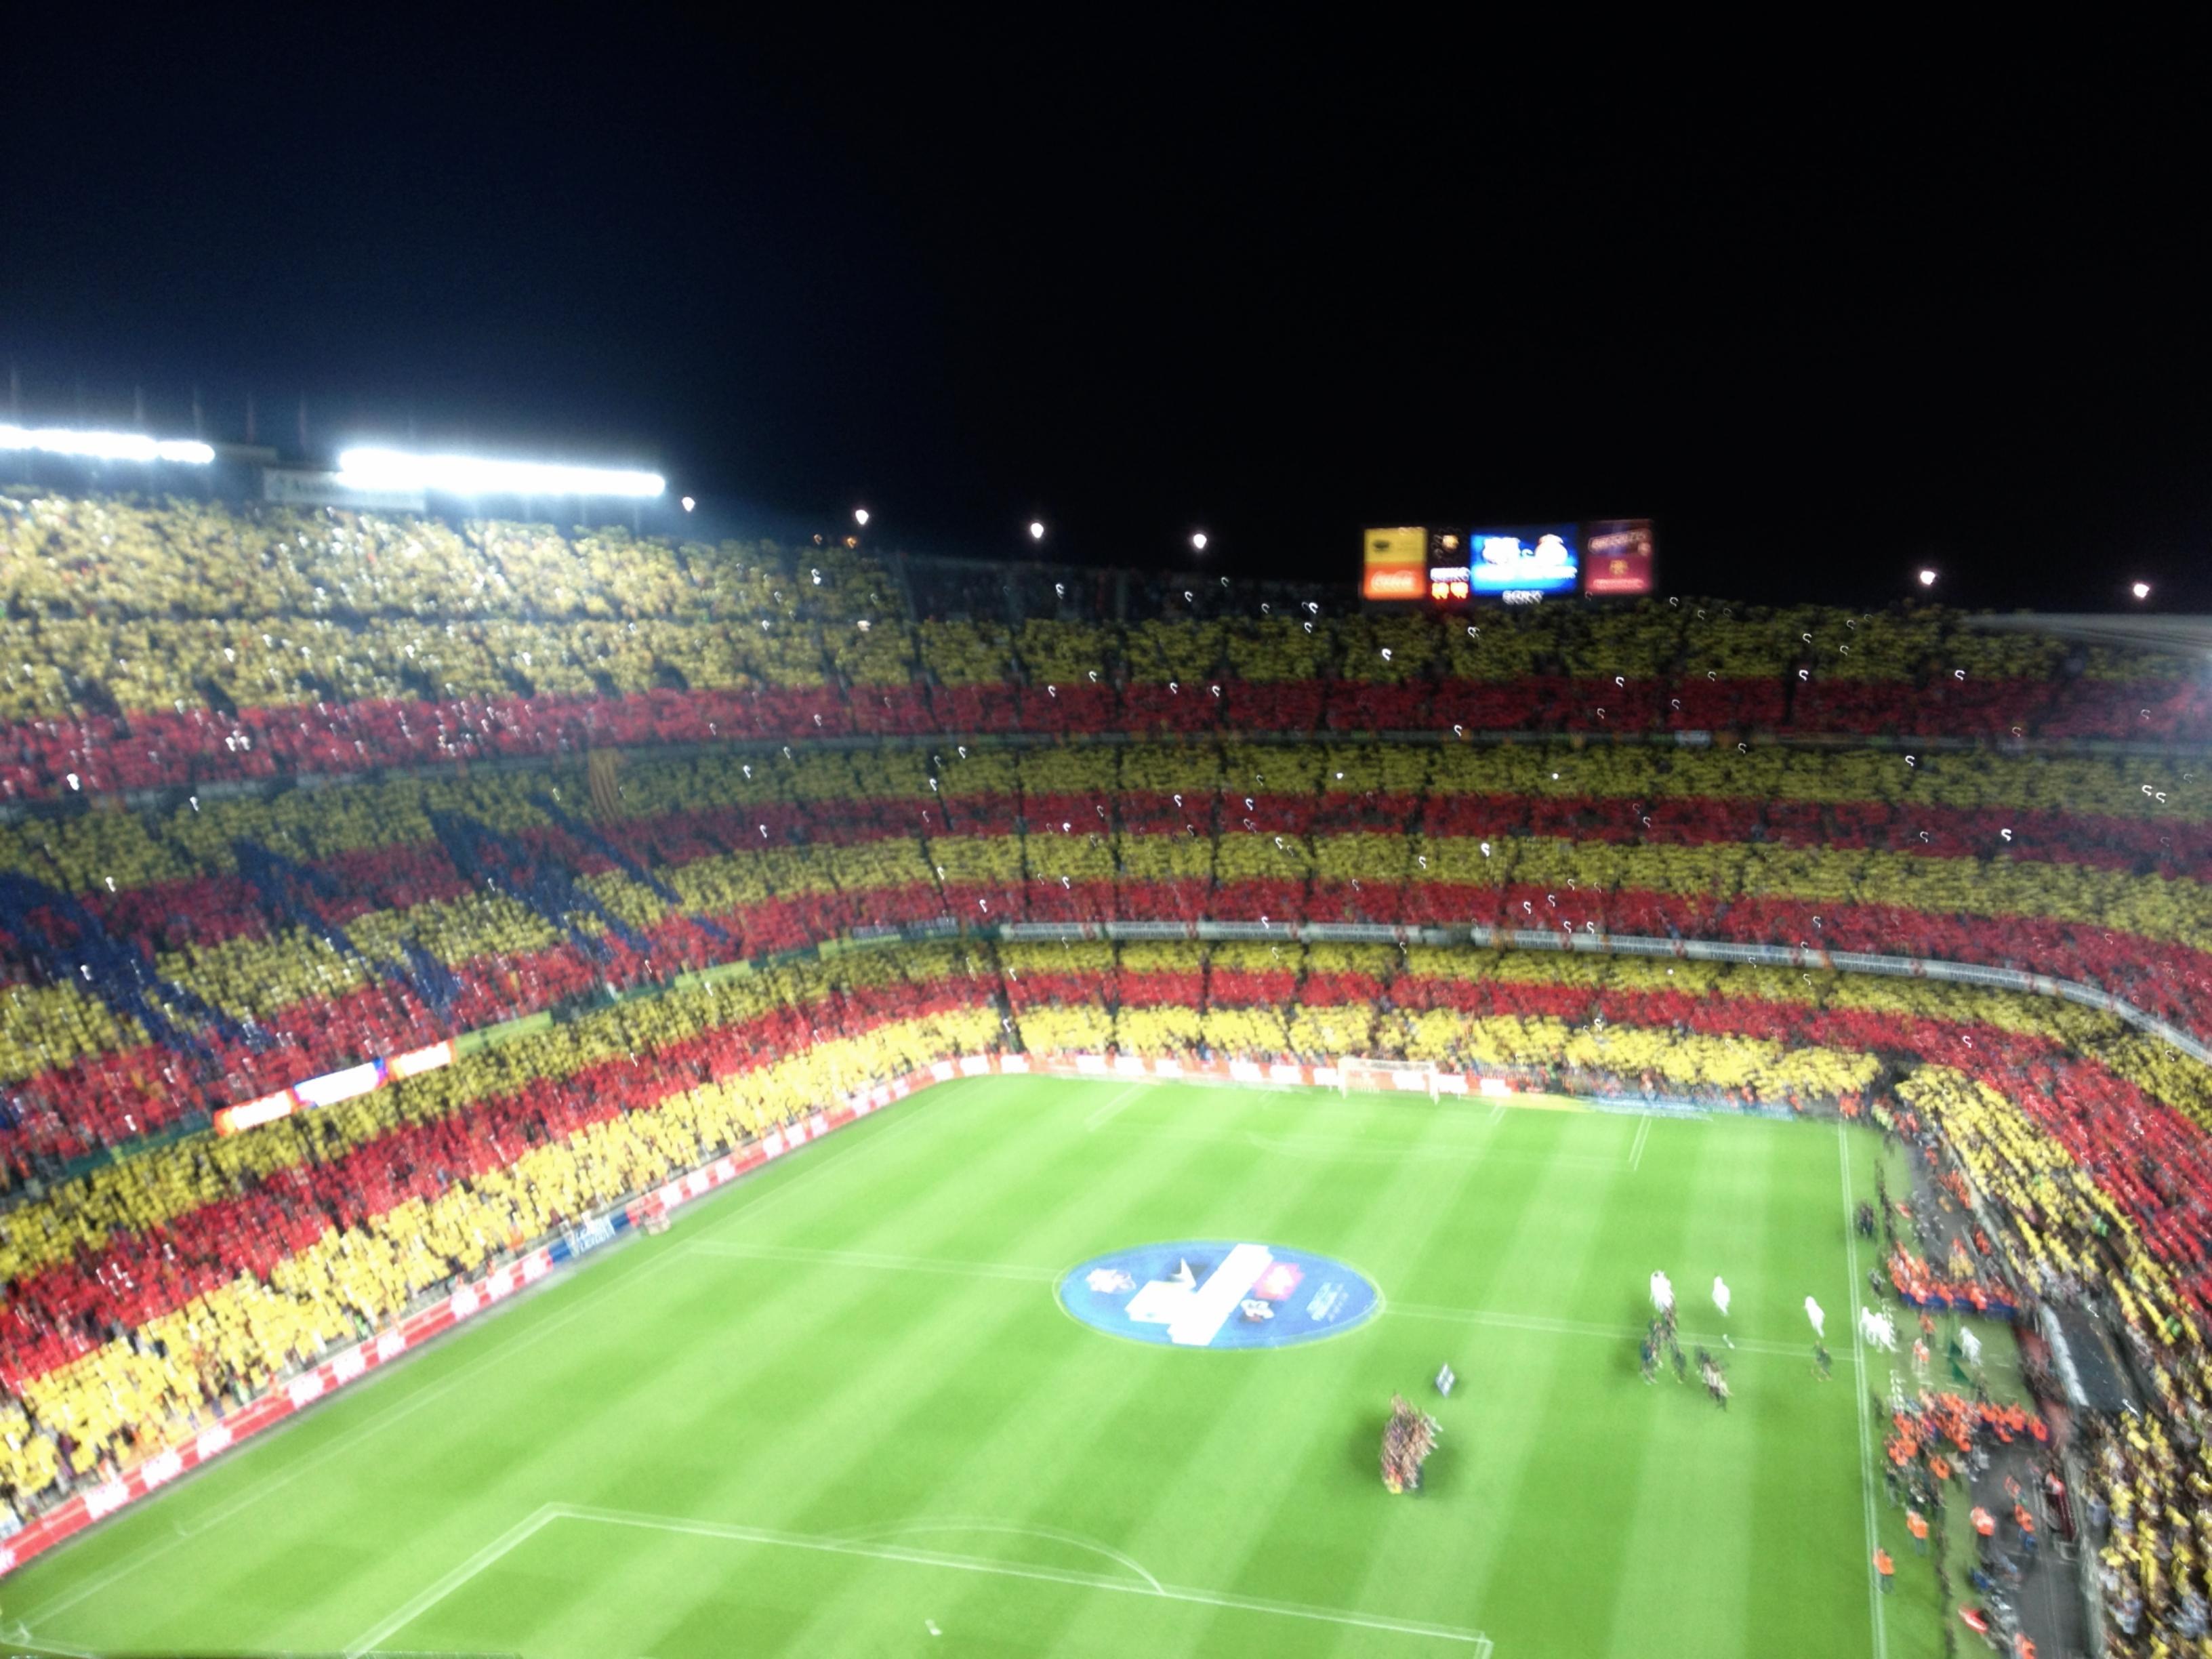 File:Camp Nou during El Clasico October 2012.jpg